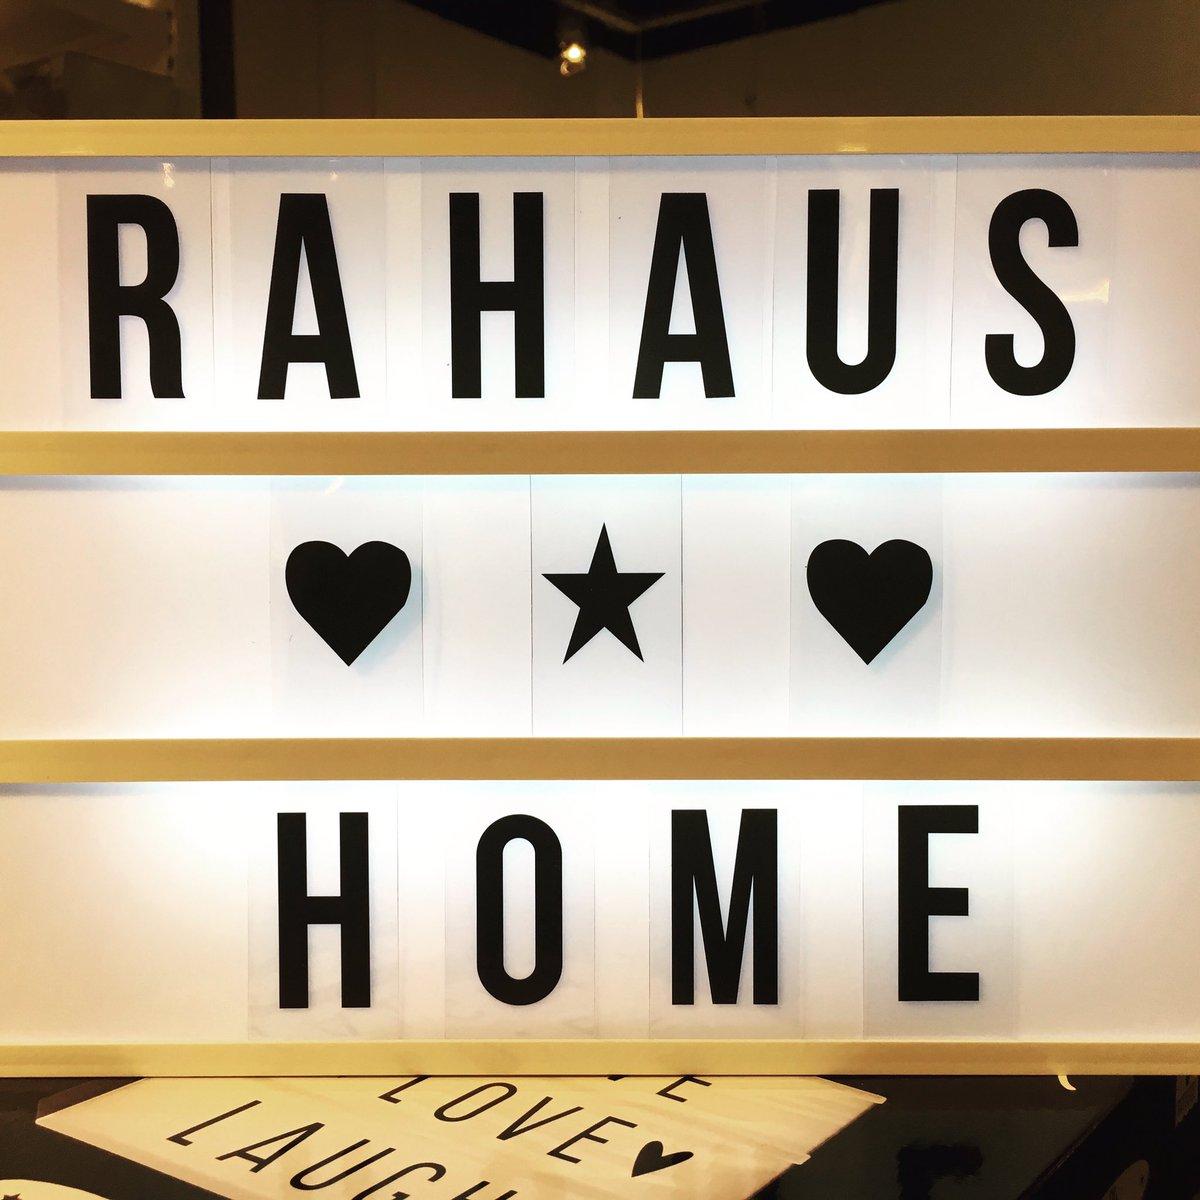 Rahaus Berlin rahaus grossrahaus